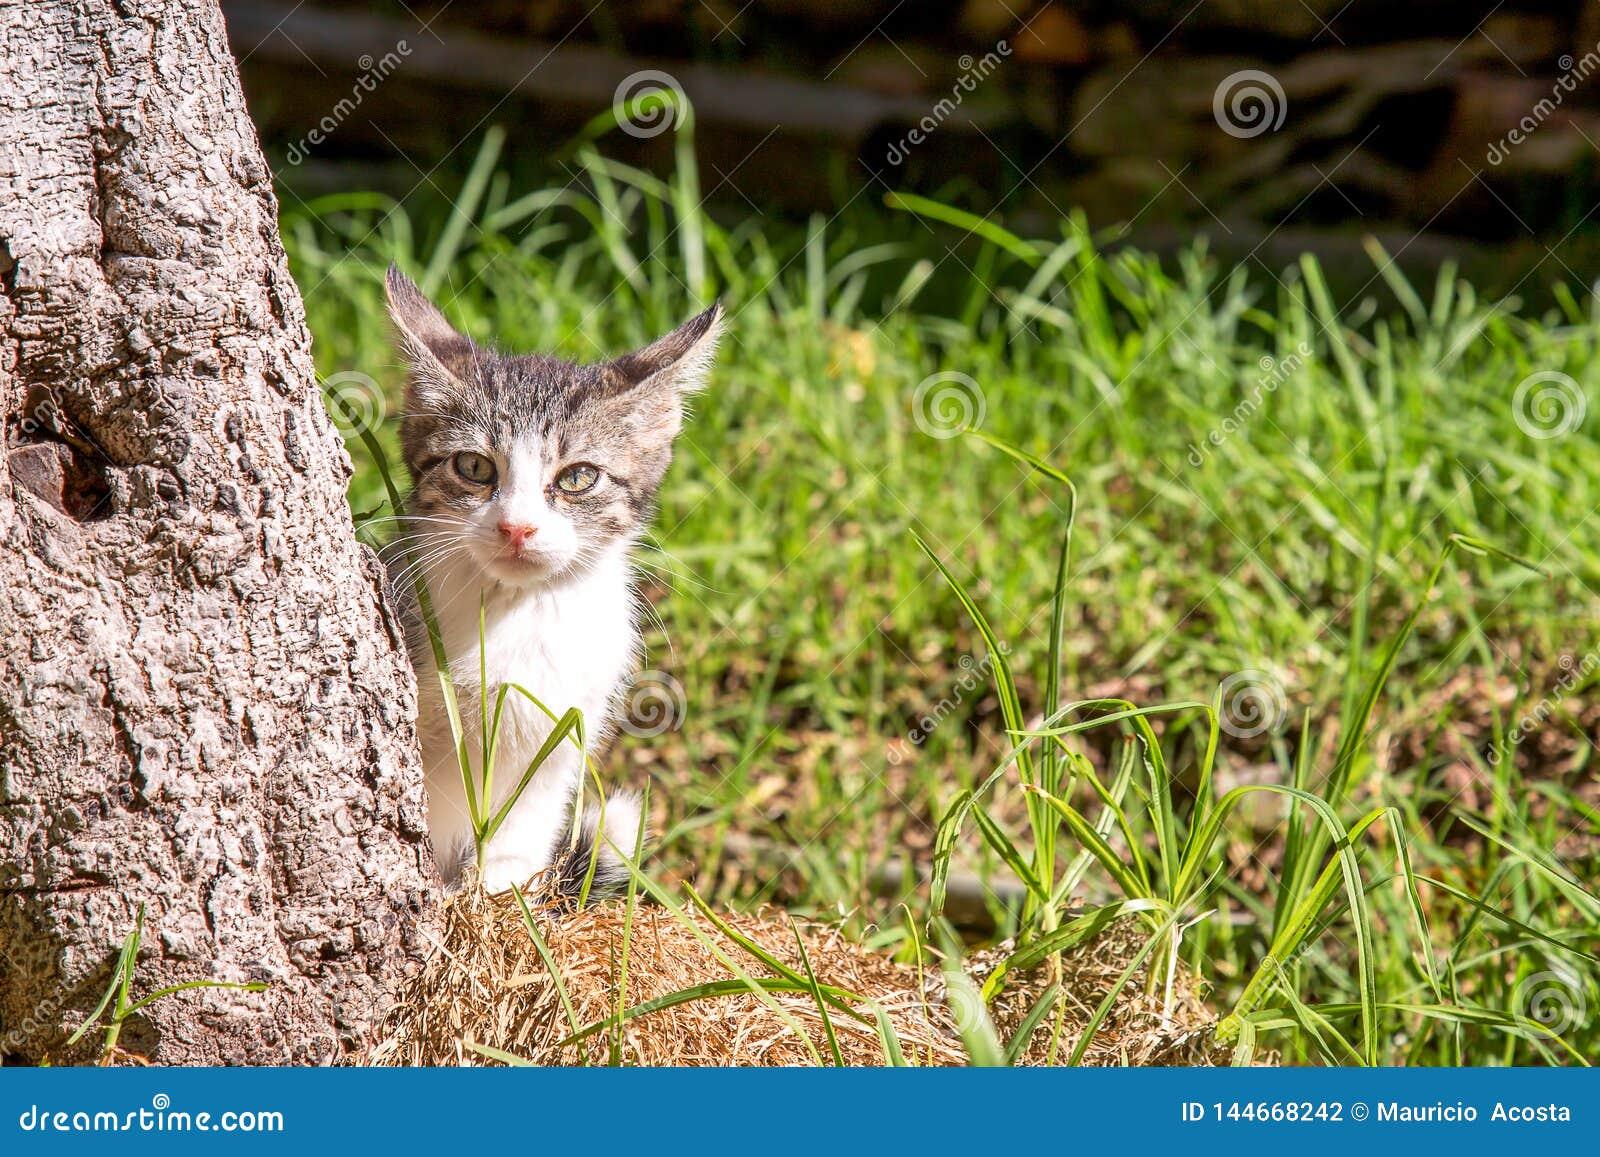 Gato pequeno branco e cinzento atrás de uma árvore